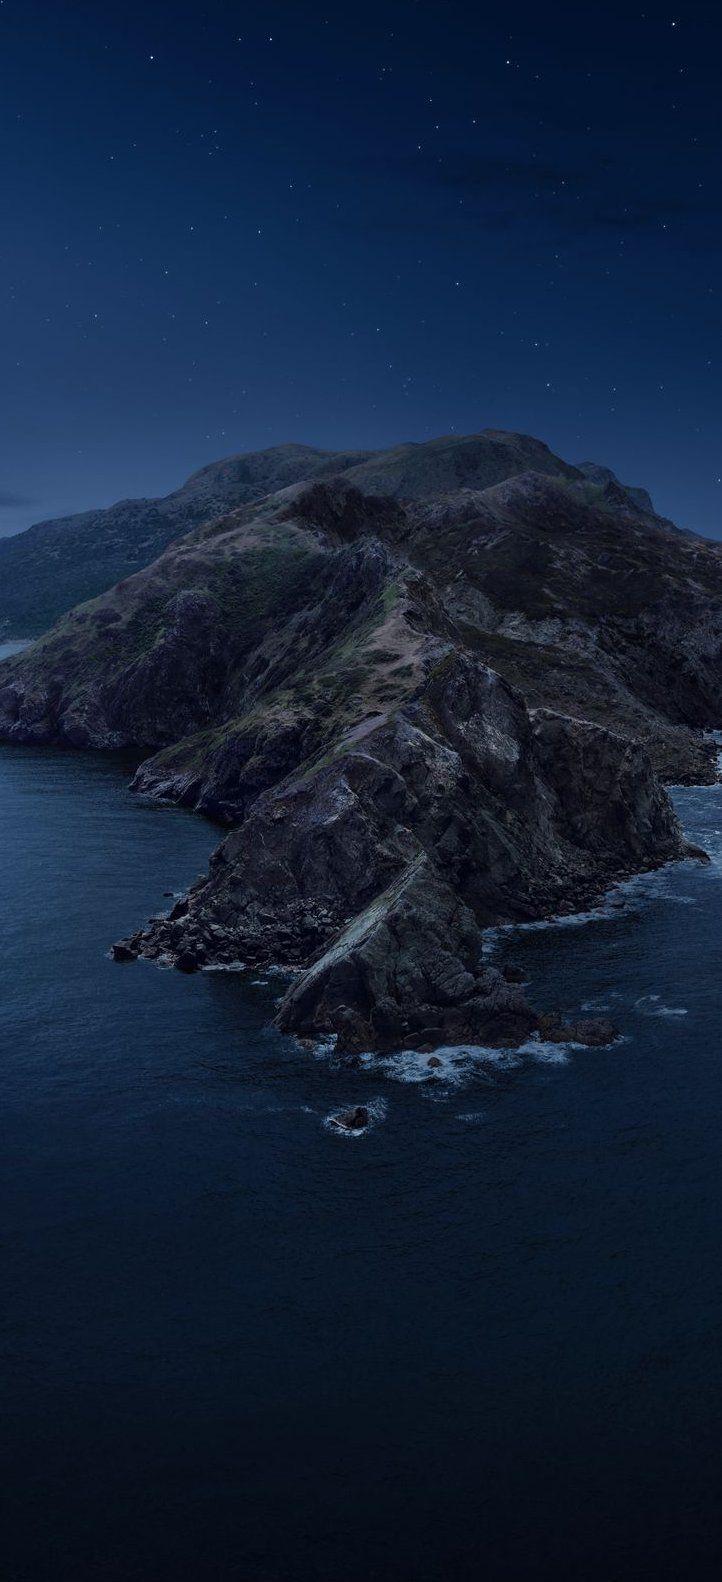 Macos Catalina Wallpaper For Iphone Dark Photography Macos Catalina Hintergru 3dwall Hintergrundbilder Iphone Hintergrundbilder Bilder